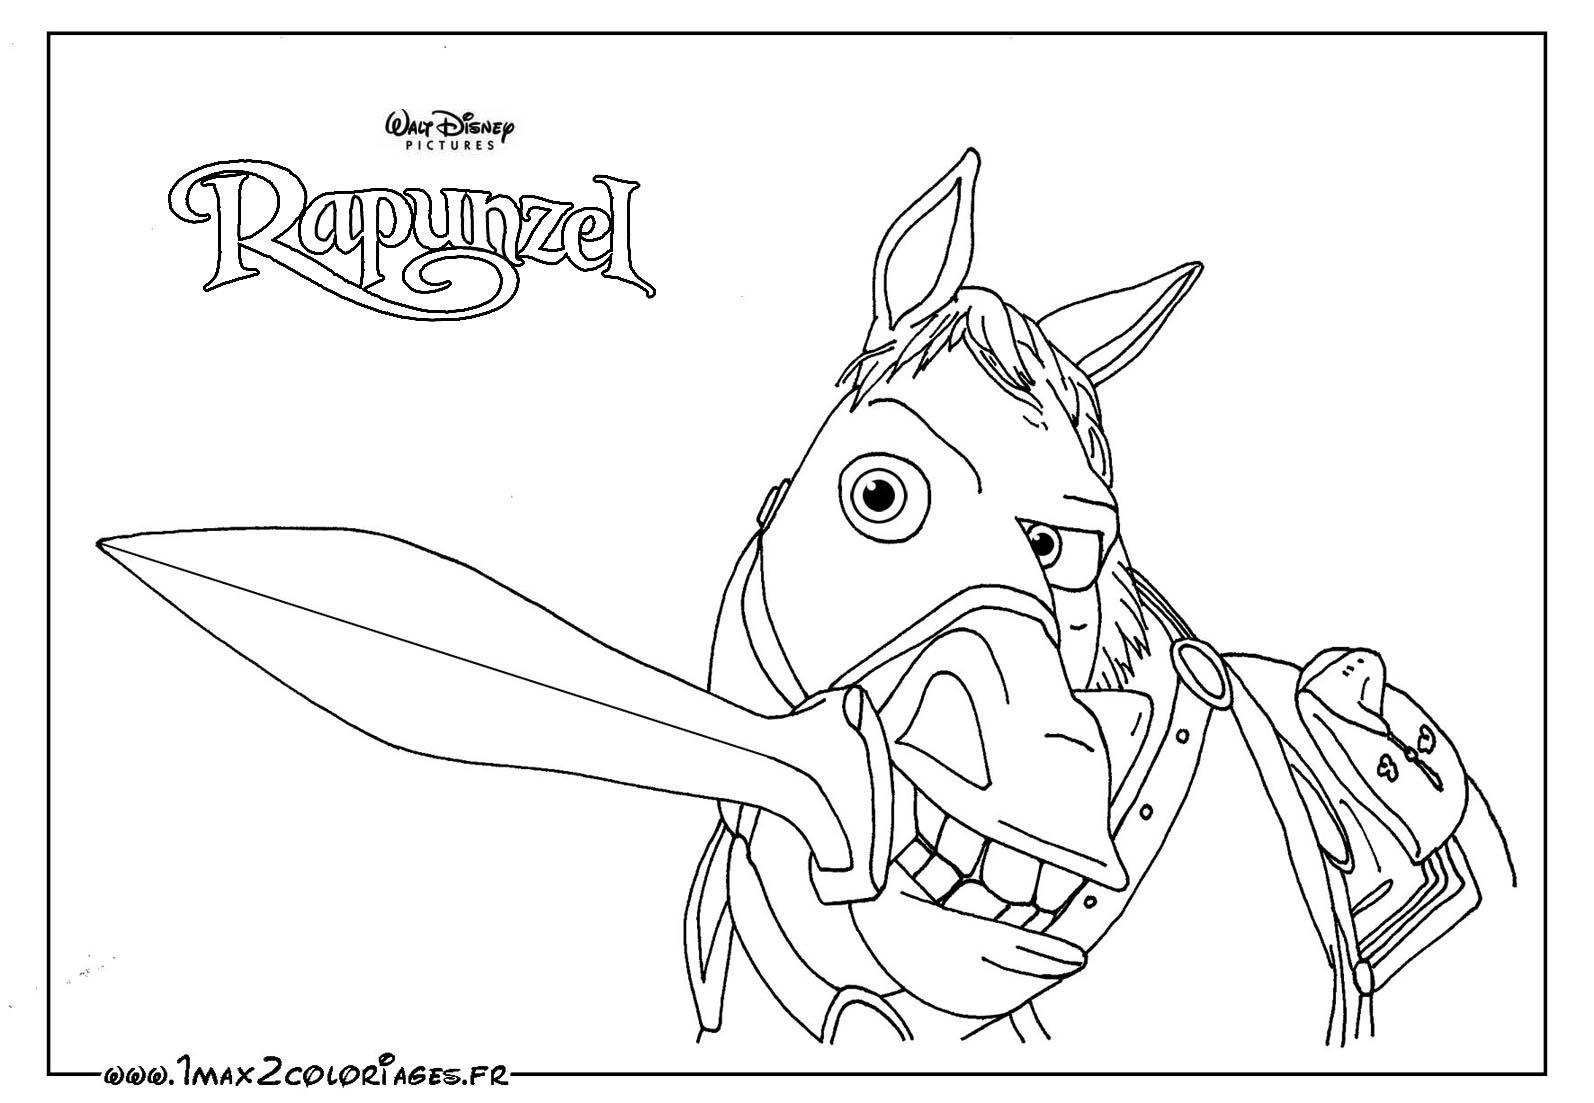 Maximus cheval raiponce 1594 1103 coloriage - Coloriage raiponce disney ...